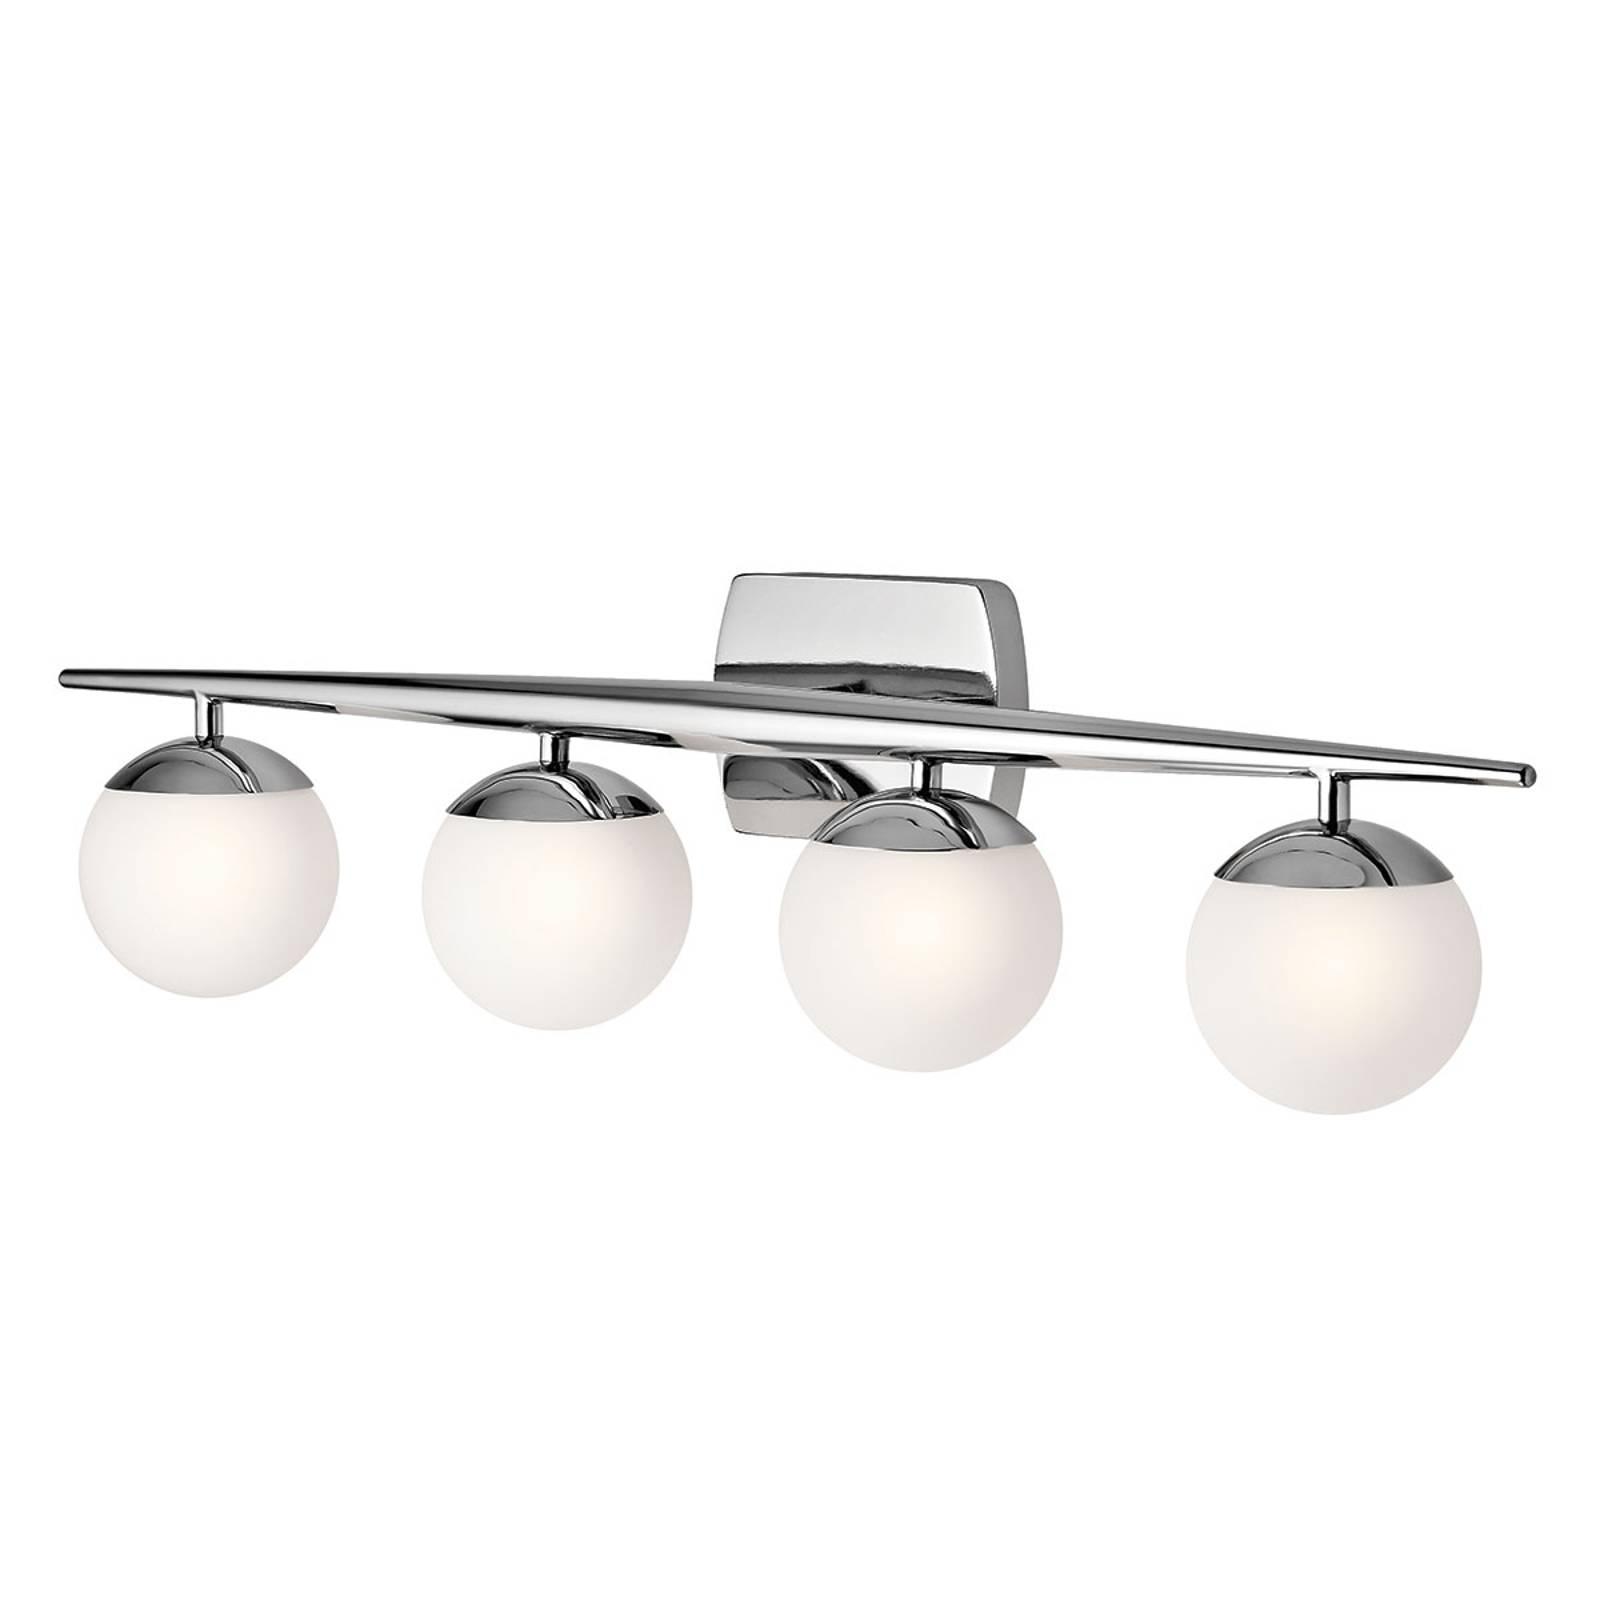 Applique LED da bagno Jasper, 4 luci